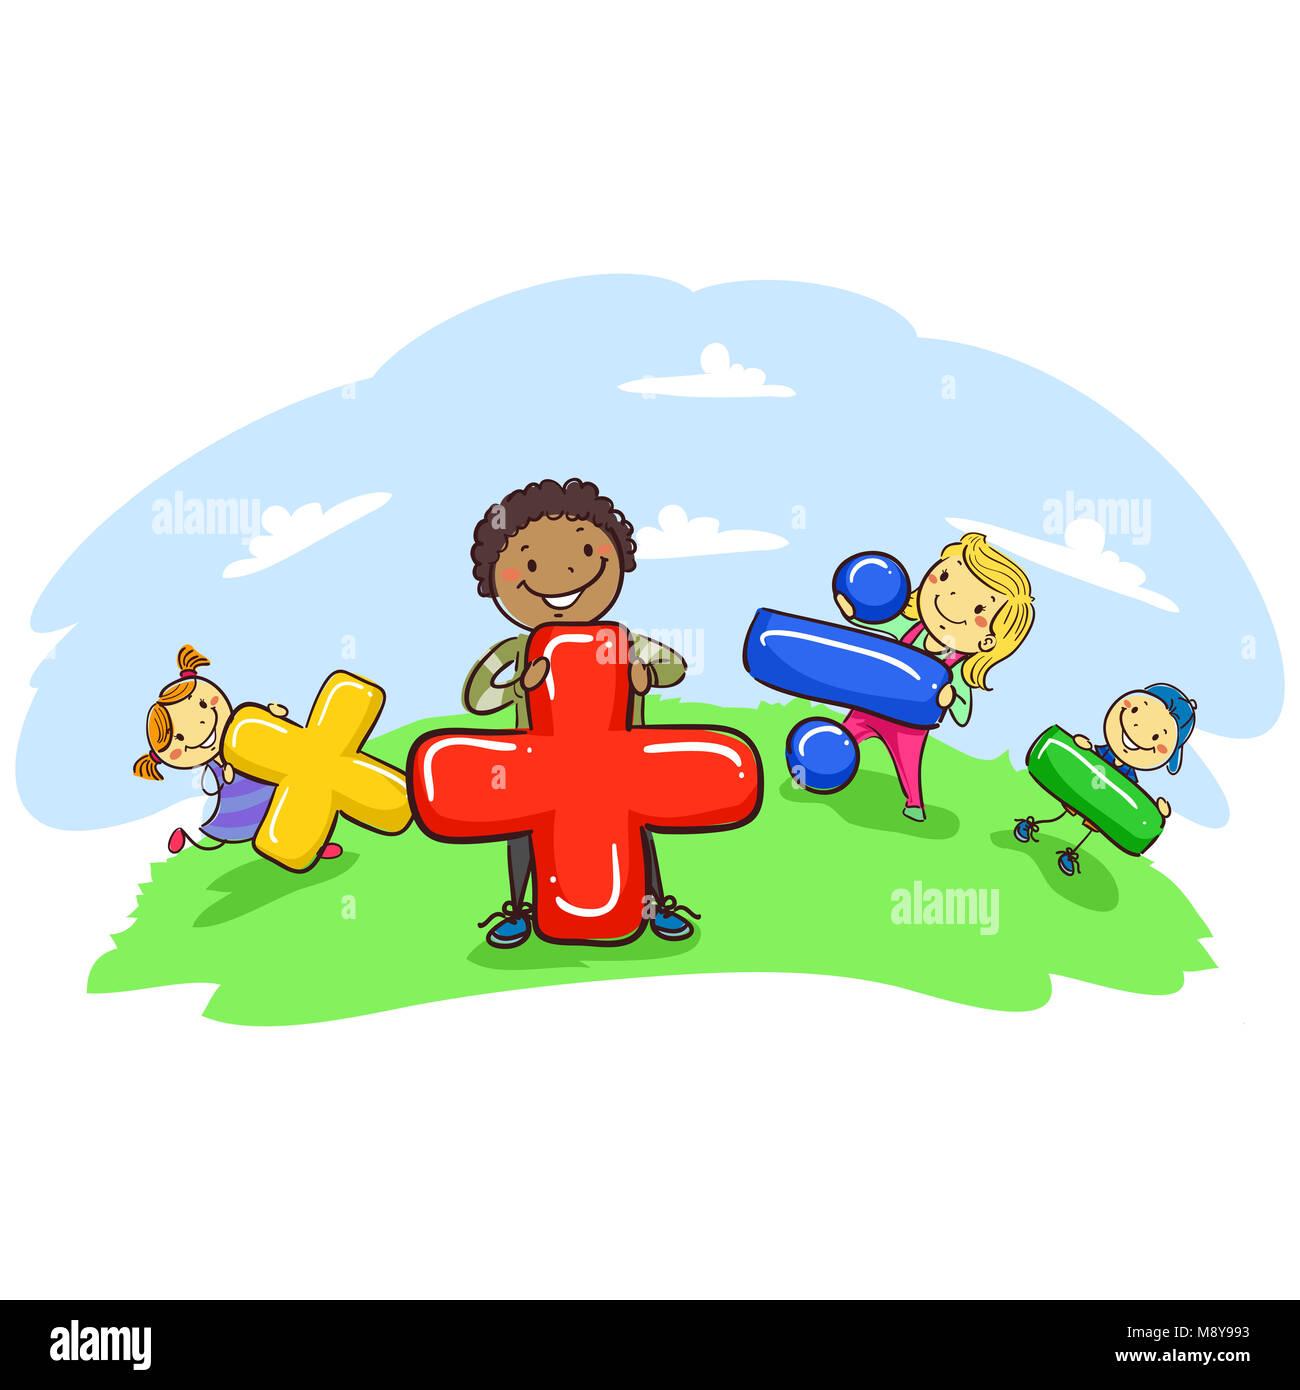 Ilustracion Vectorial De Stick Kids Celebracion De Simbolos